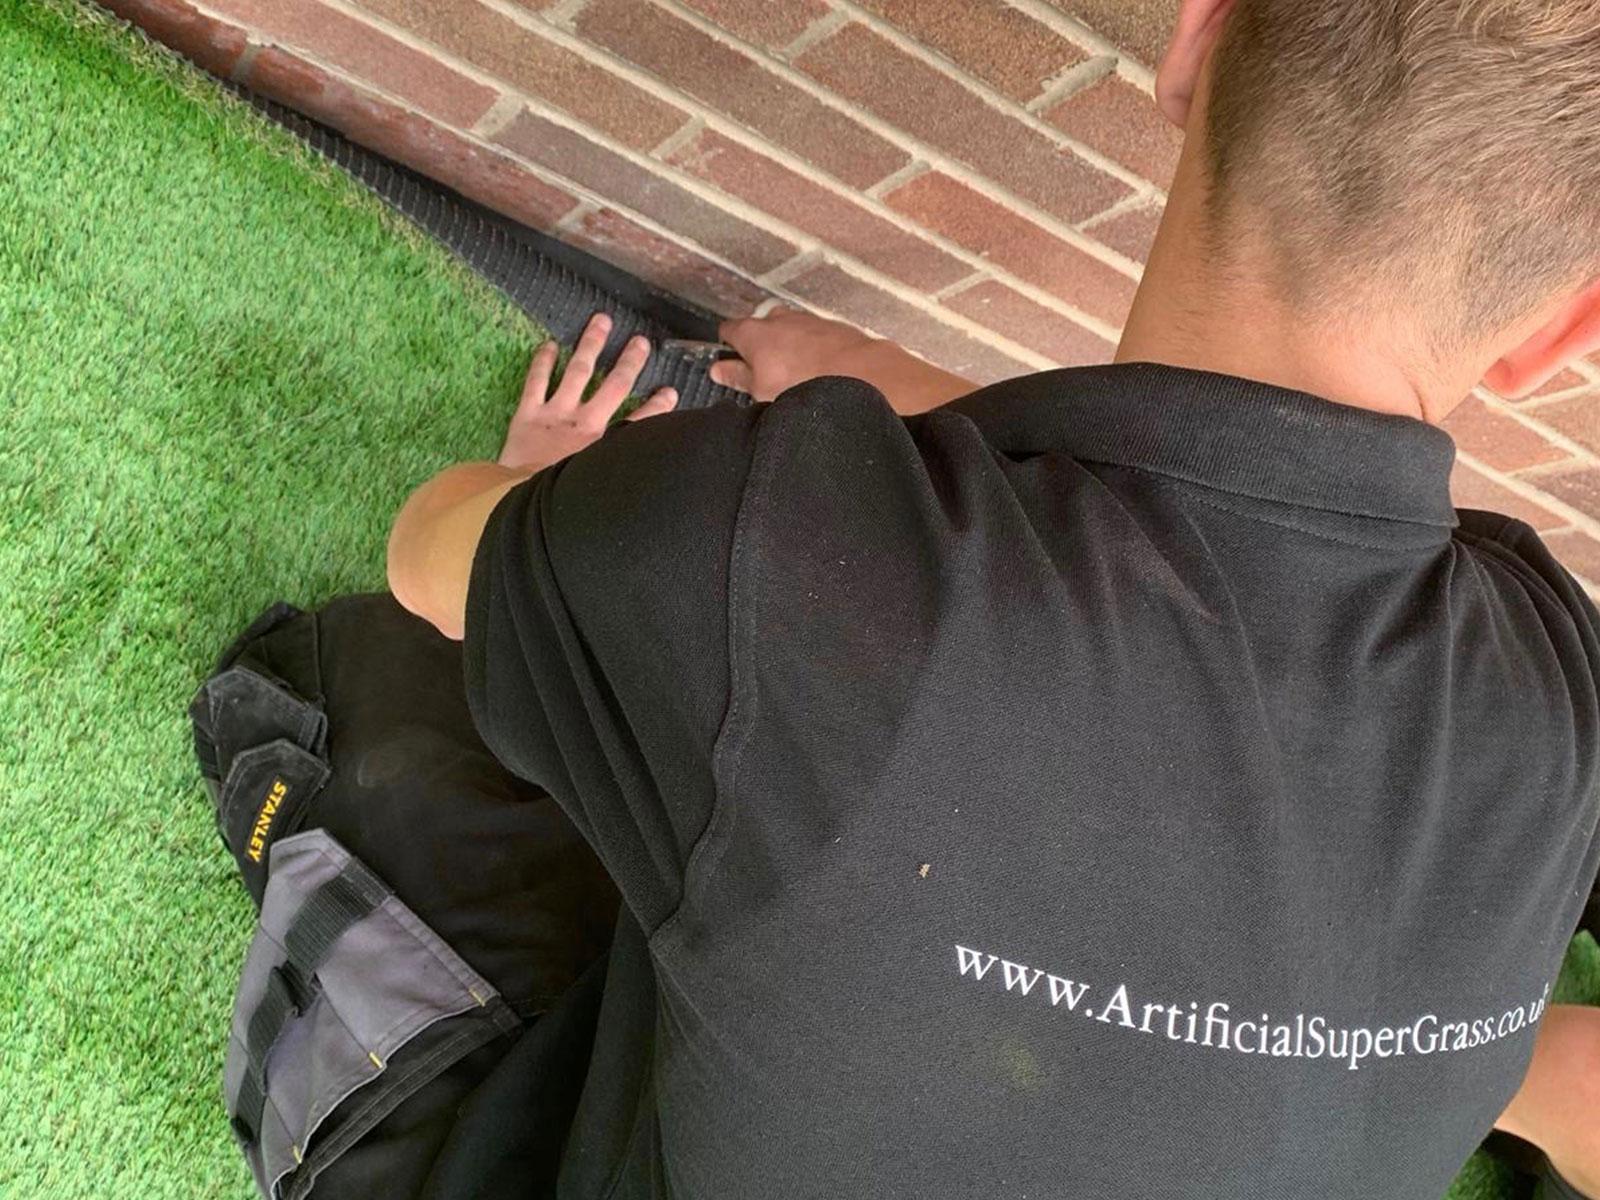 Artificial Grass Newton Aycliffe Artificial Super Grass